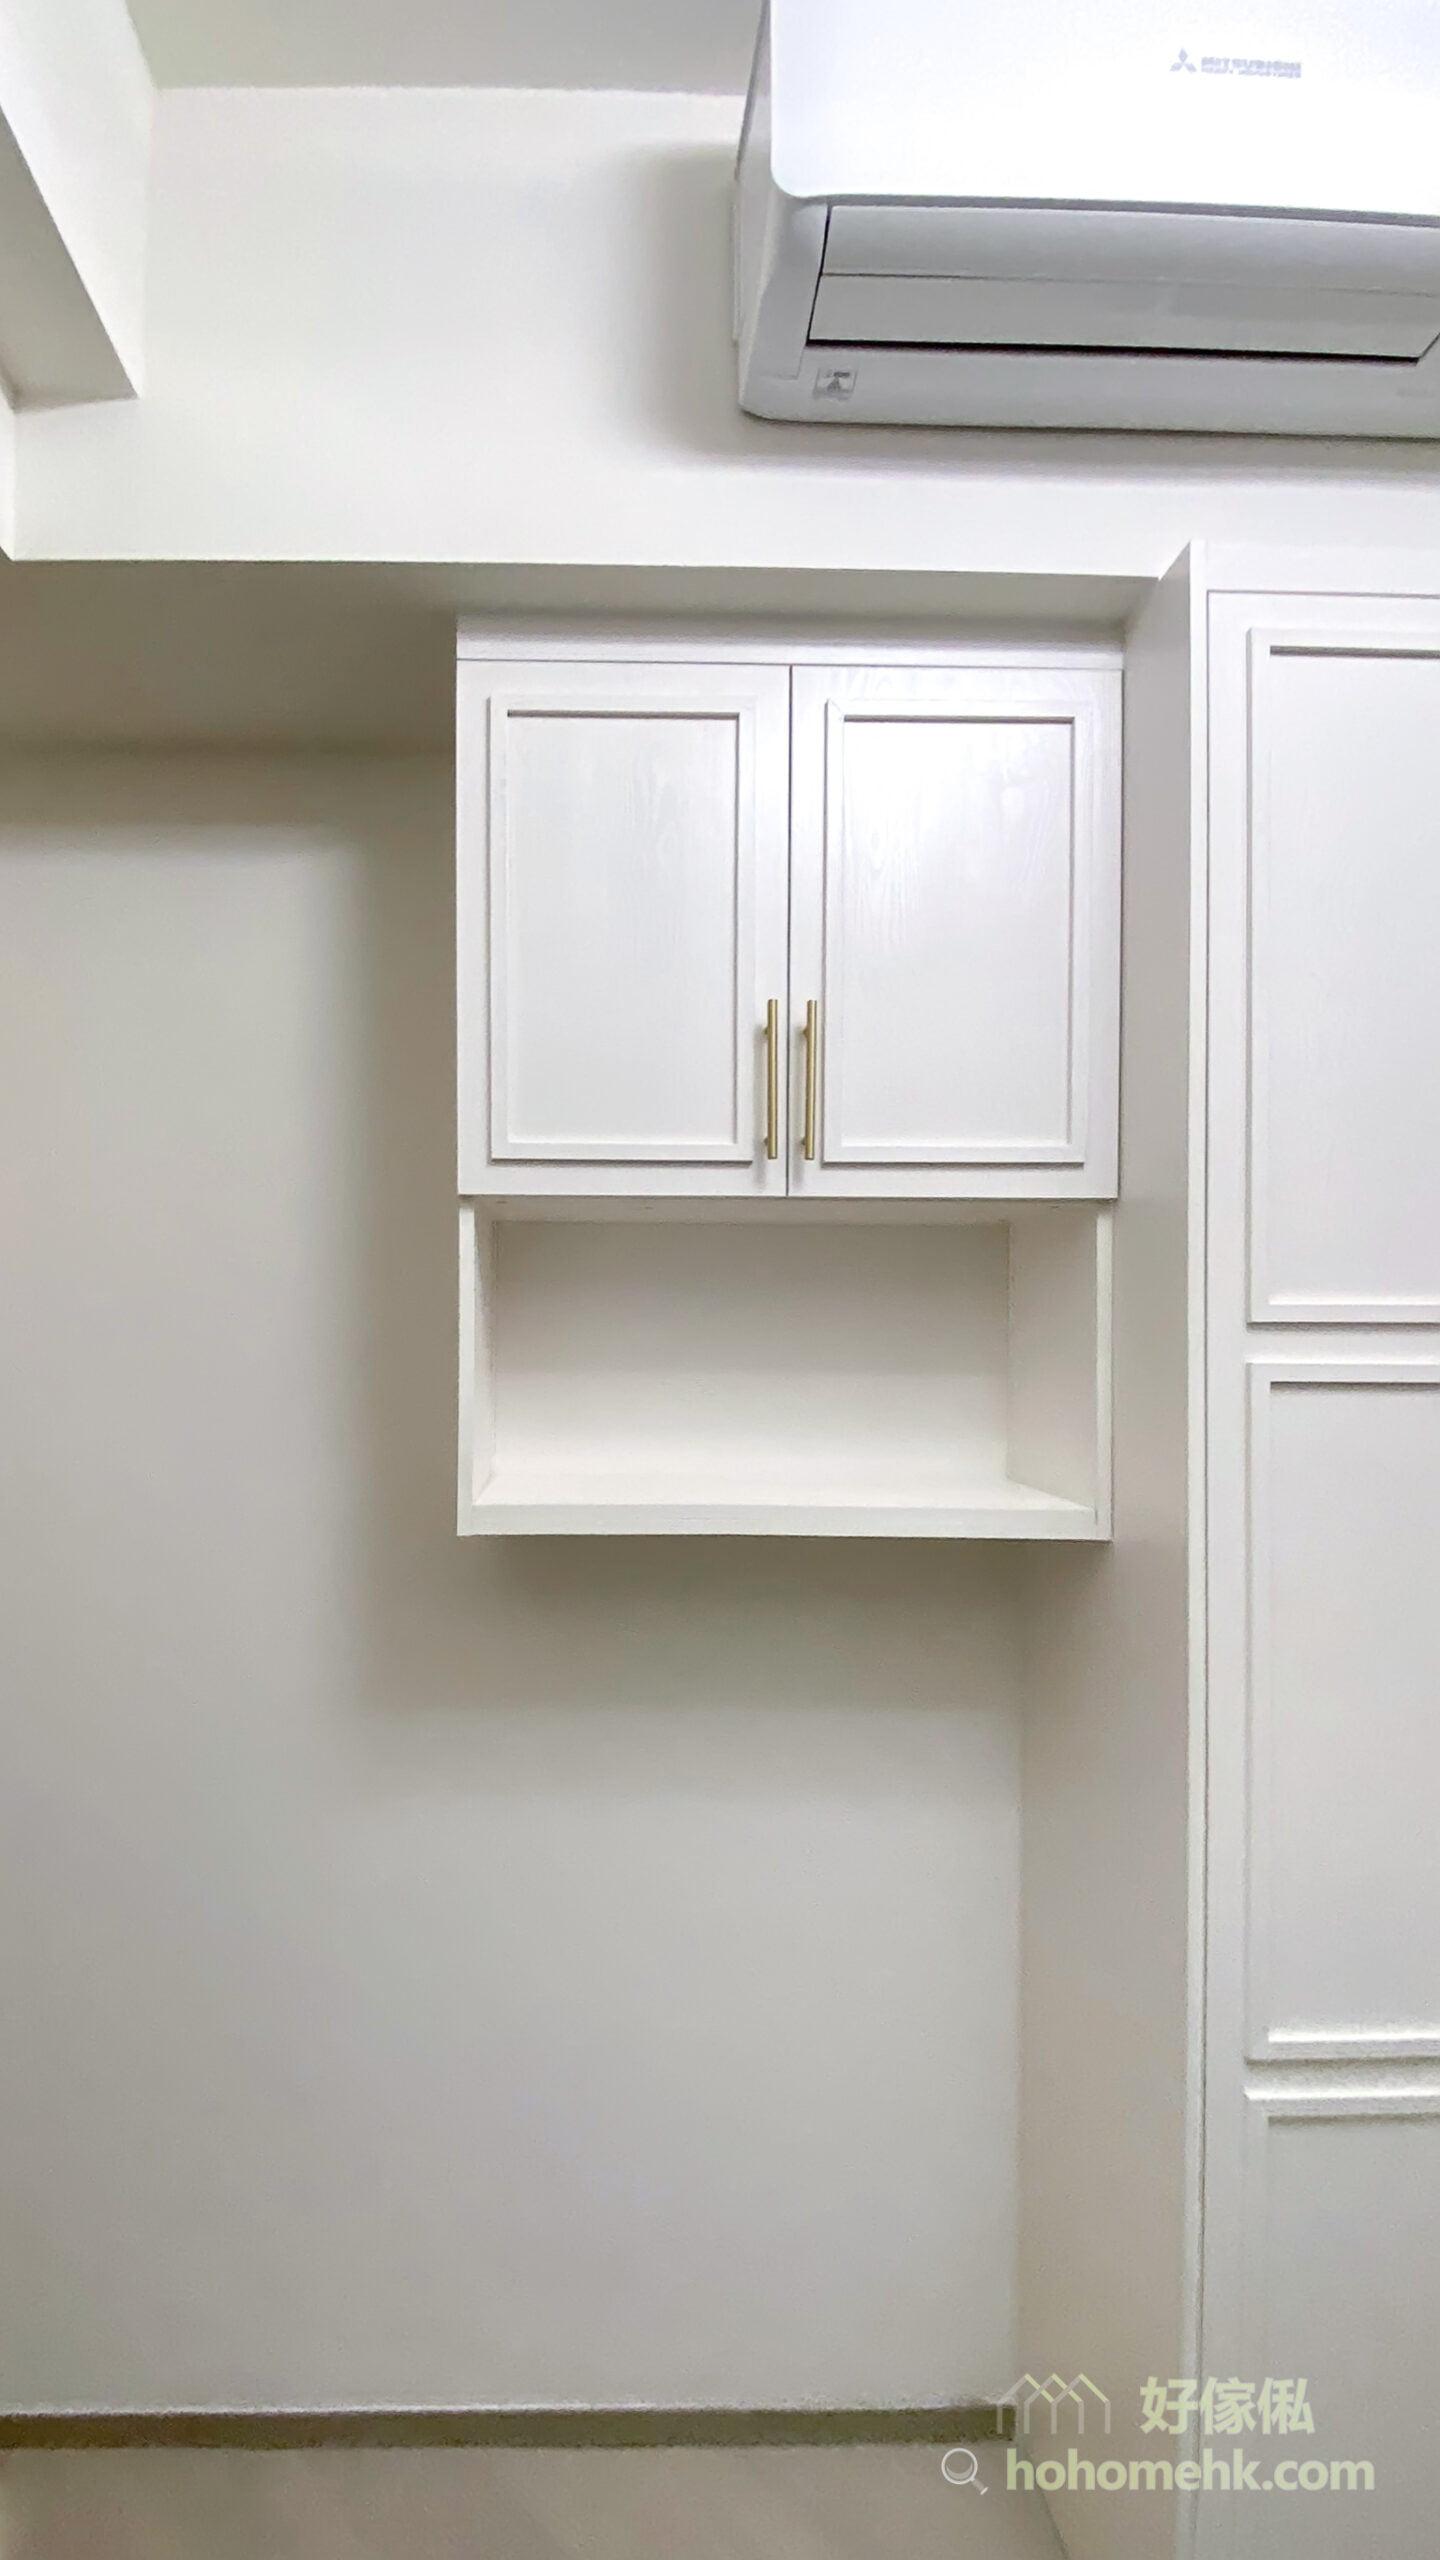 掩門與櫃身貼合好,兩道掩門中間亦可加裝防塵條,整體的封閉性較好,防塵效果自然比趟門衣櫃好,更適合愛乾淨的主人